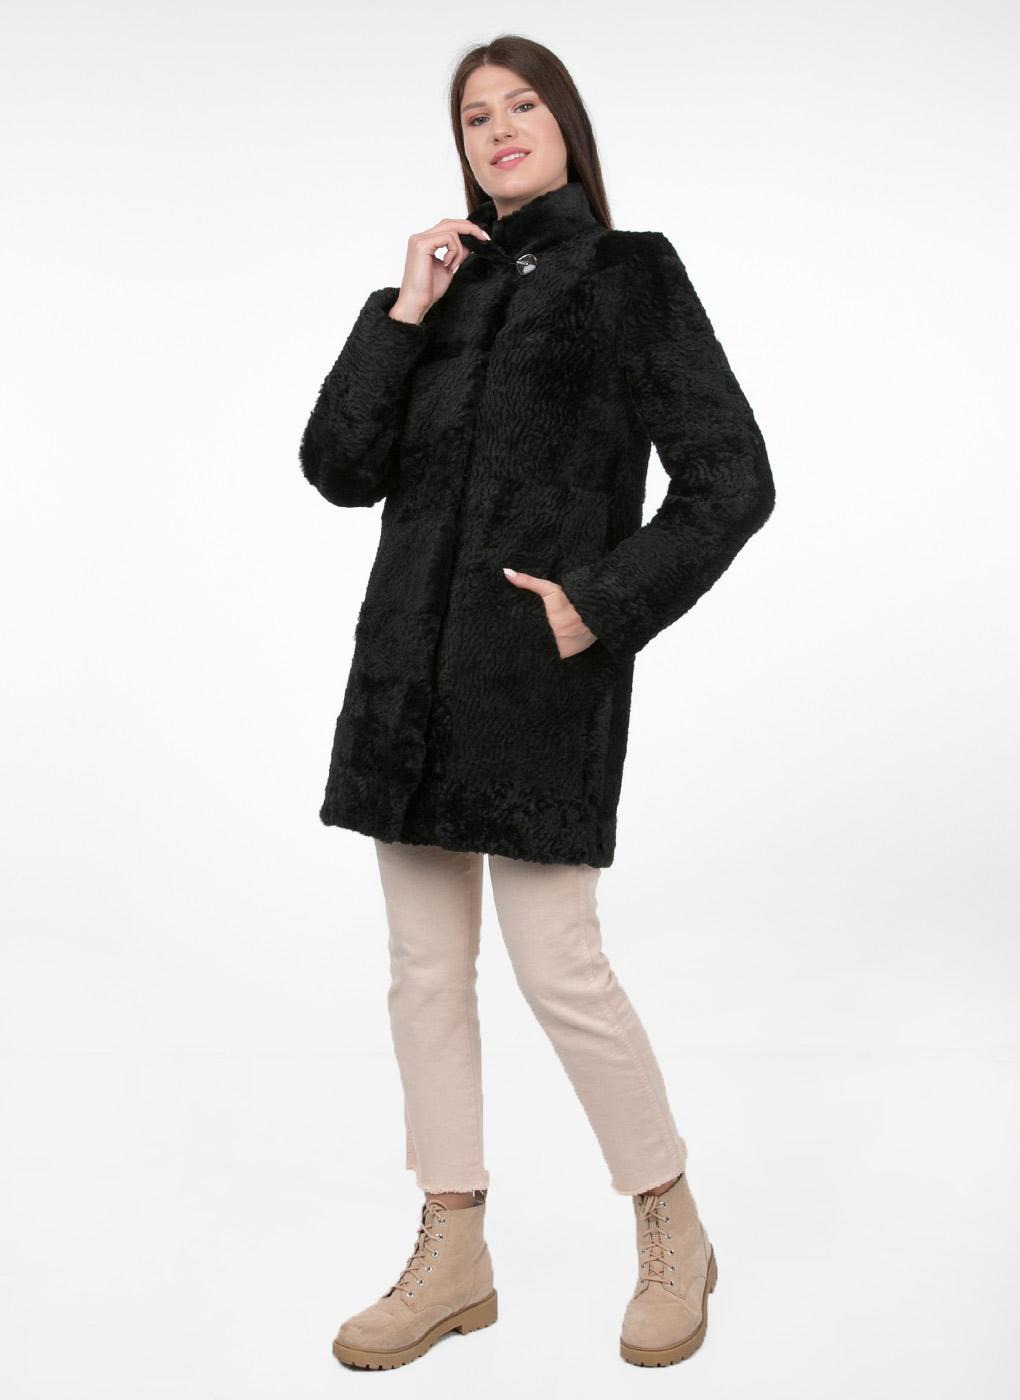 Пальто прямое из мутона 03, Original fur company фото